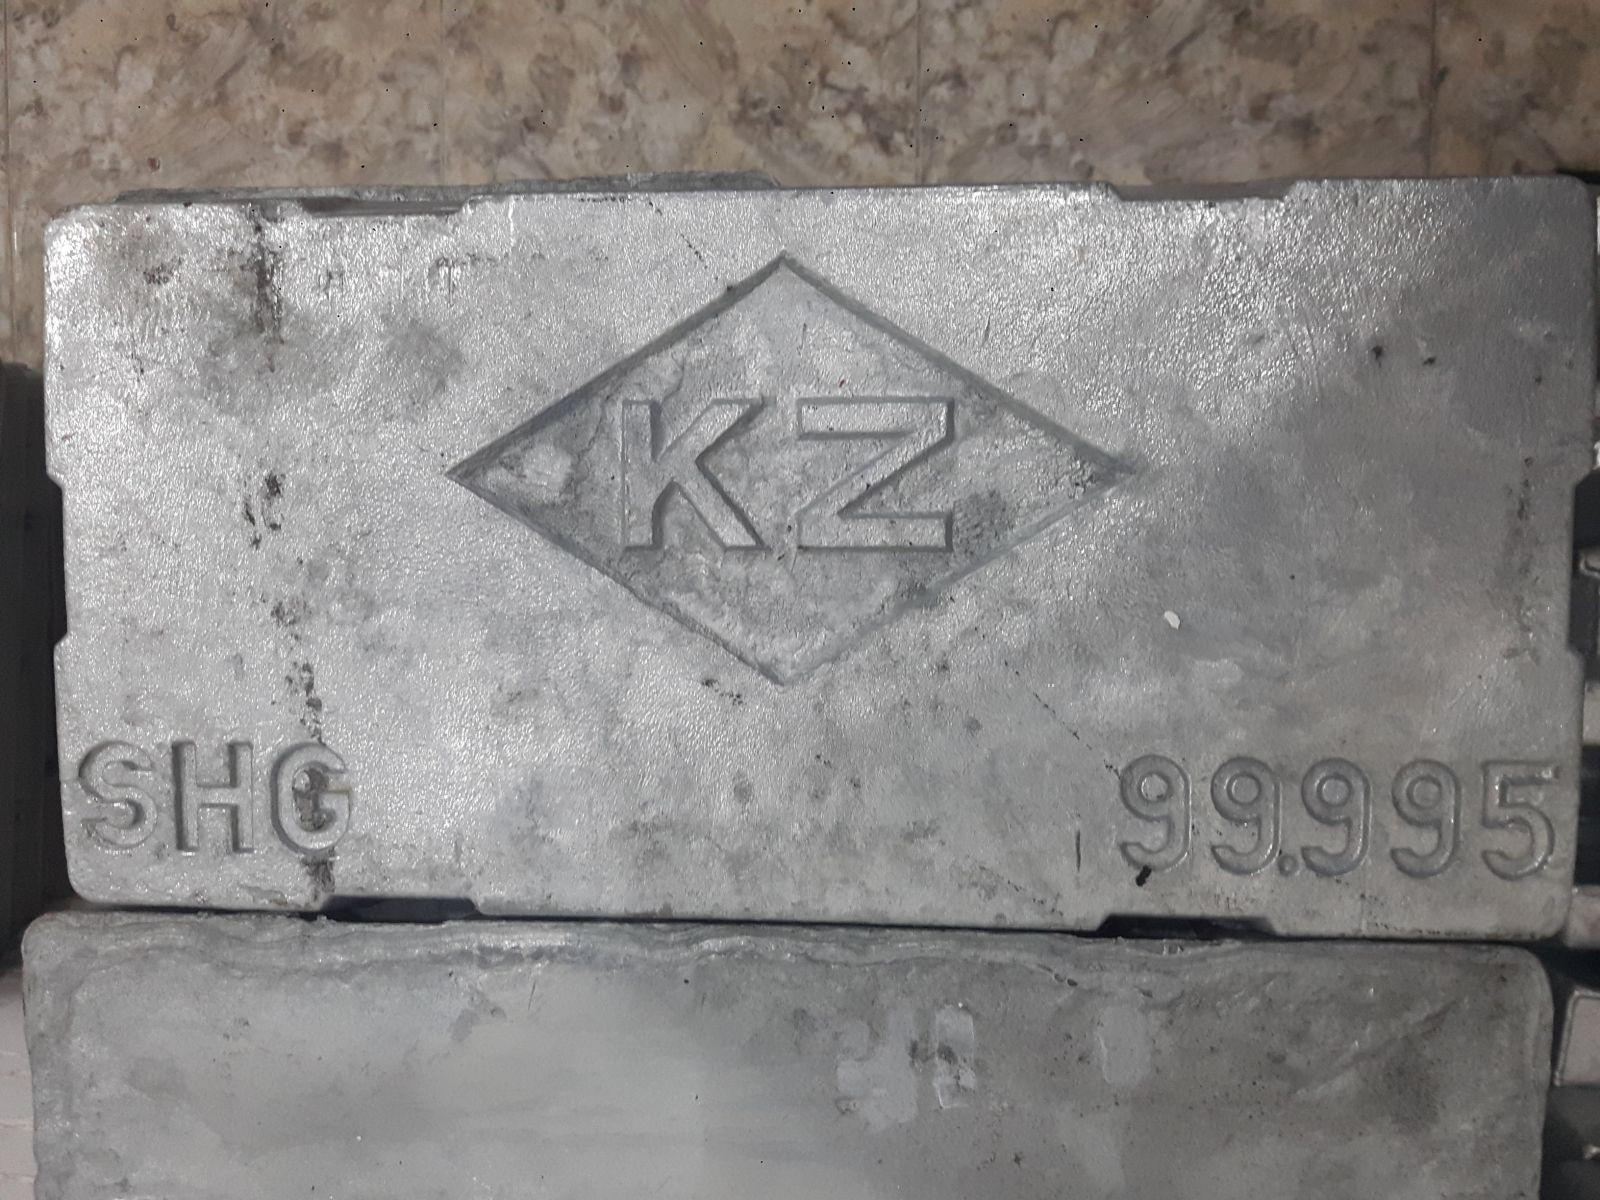 Kẽm thỏi 99.995% - KZ YP Hàn Quốc